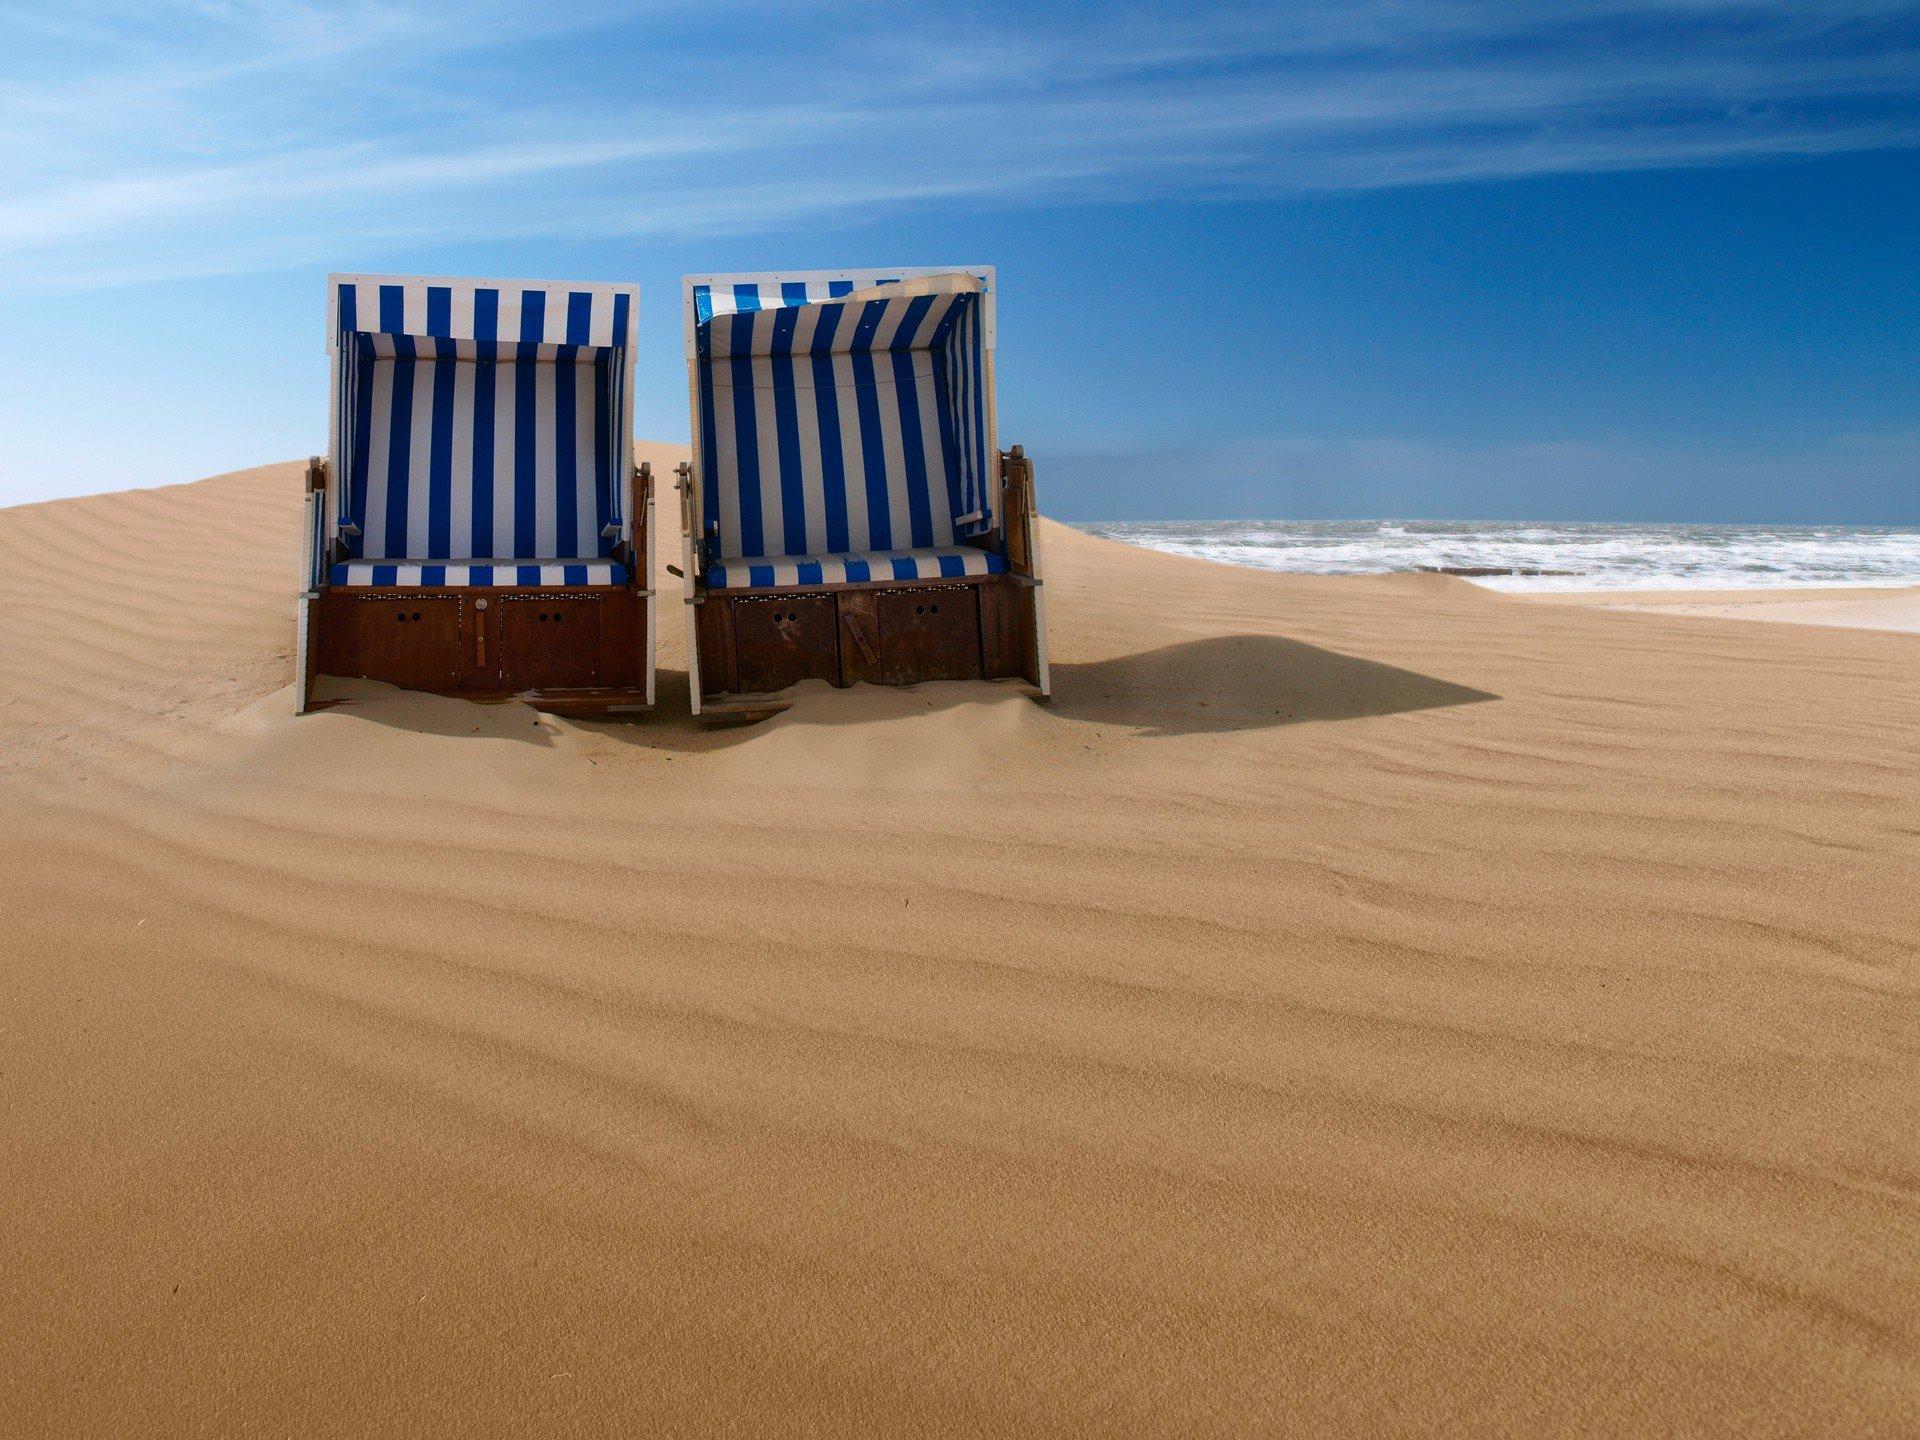 strandhotel strandurlaub nordsee ostsee reiseangebote hotel verwoehnwochenende. Black Bedroom Furniture Sets. Home Design Ideas